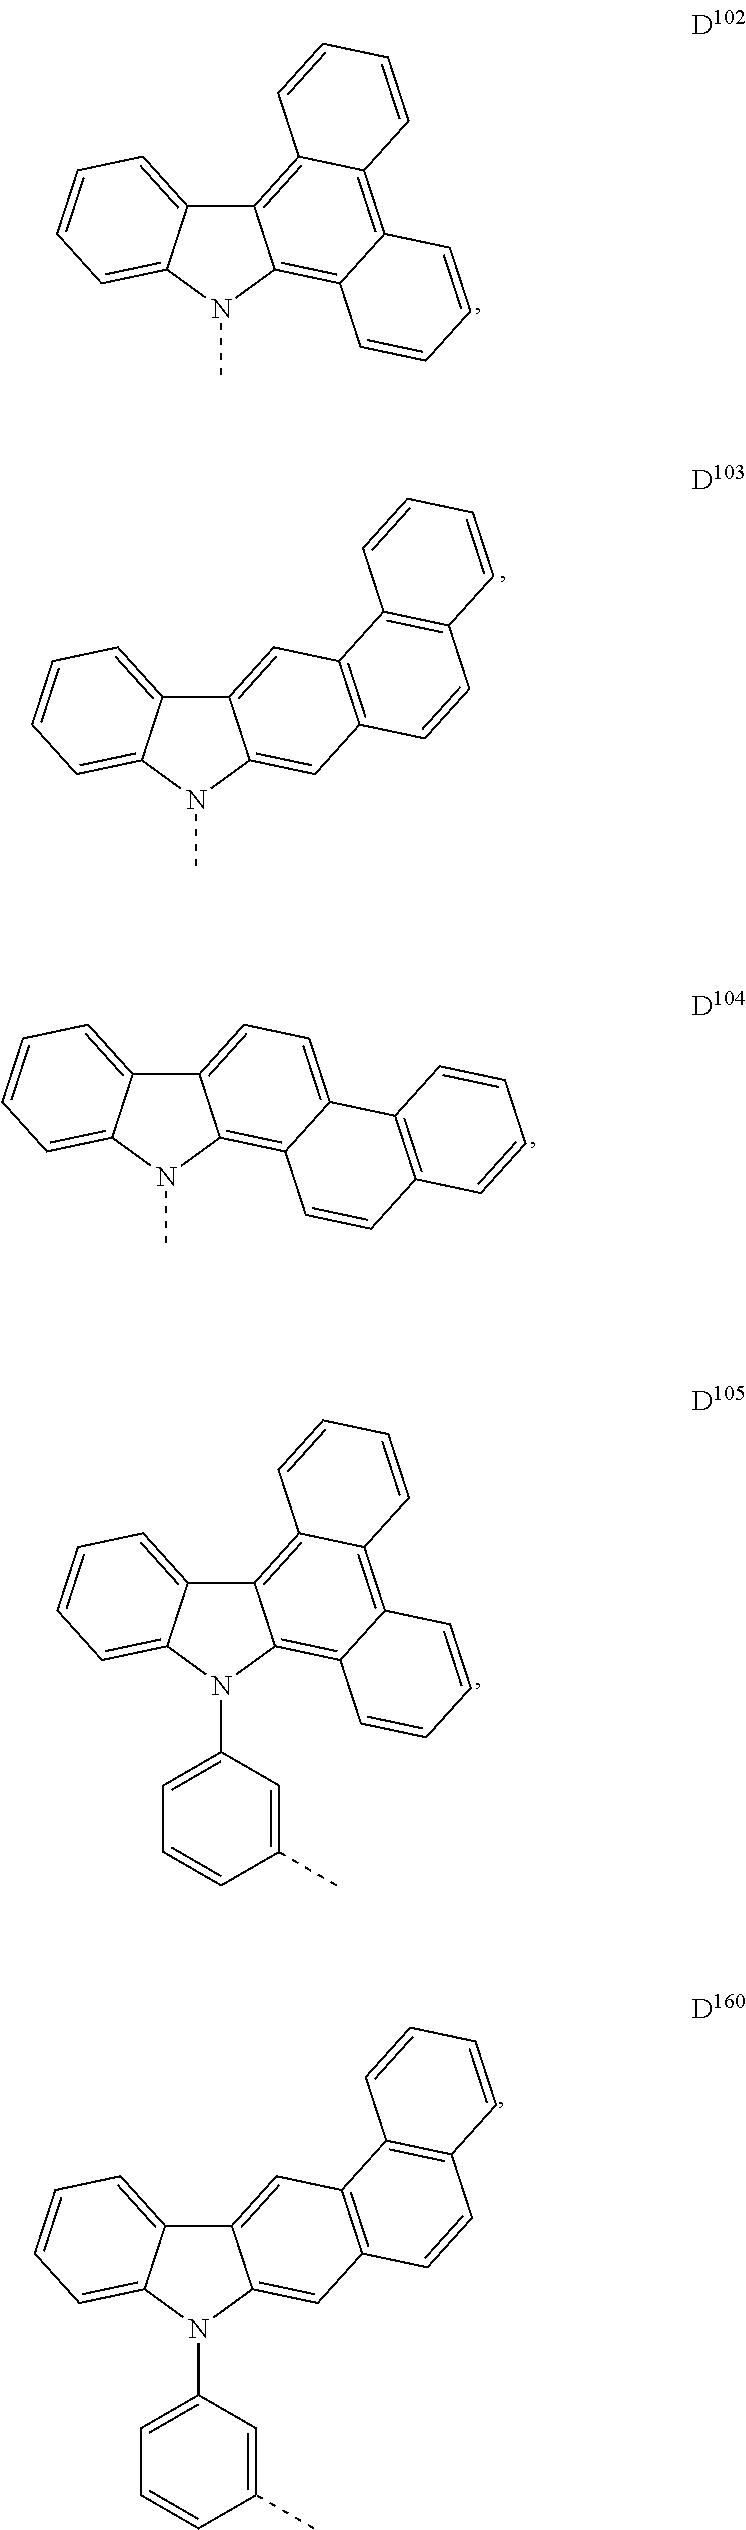 Figure US20170033295A1-20170202-C00054